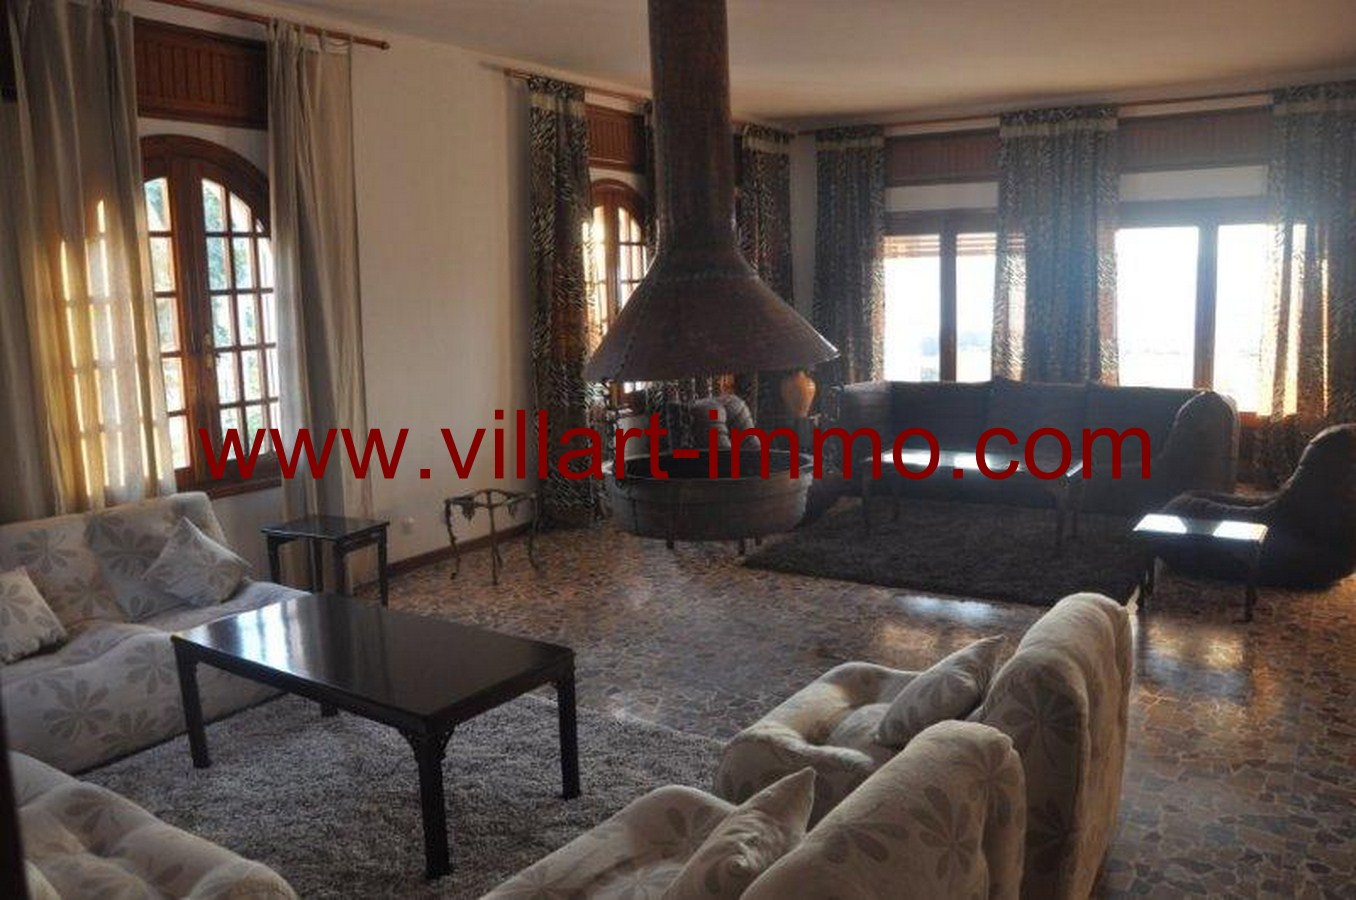 5-Location-Villa-Meublé-Malabata-Jardin-Villart immo-Tanger-LV126